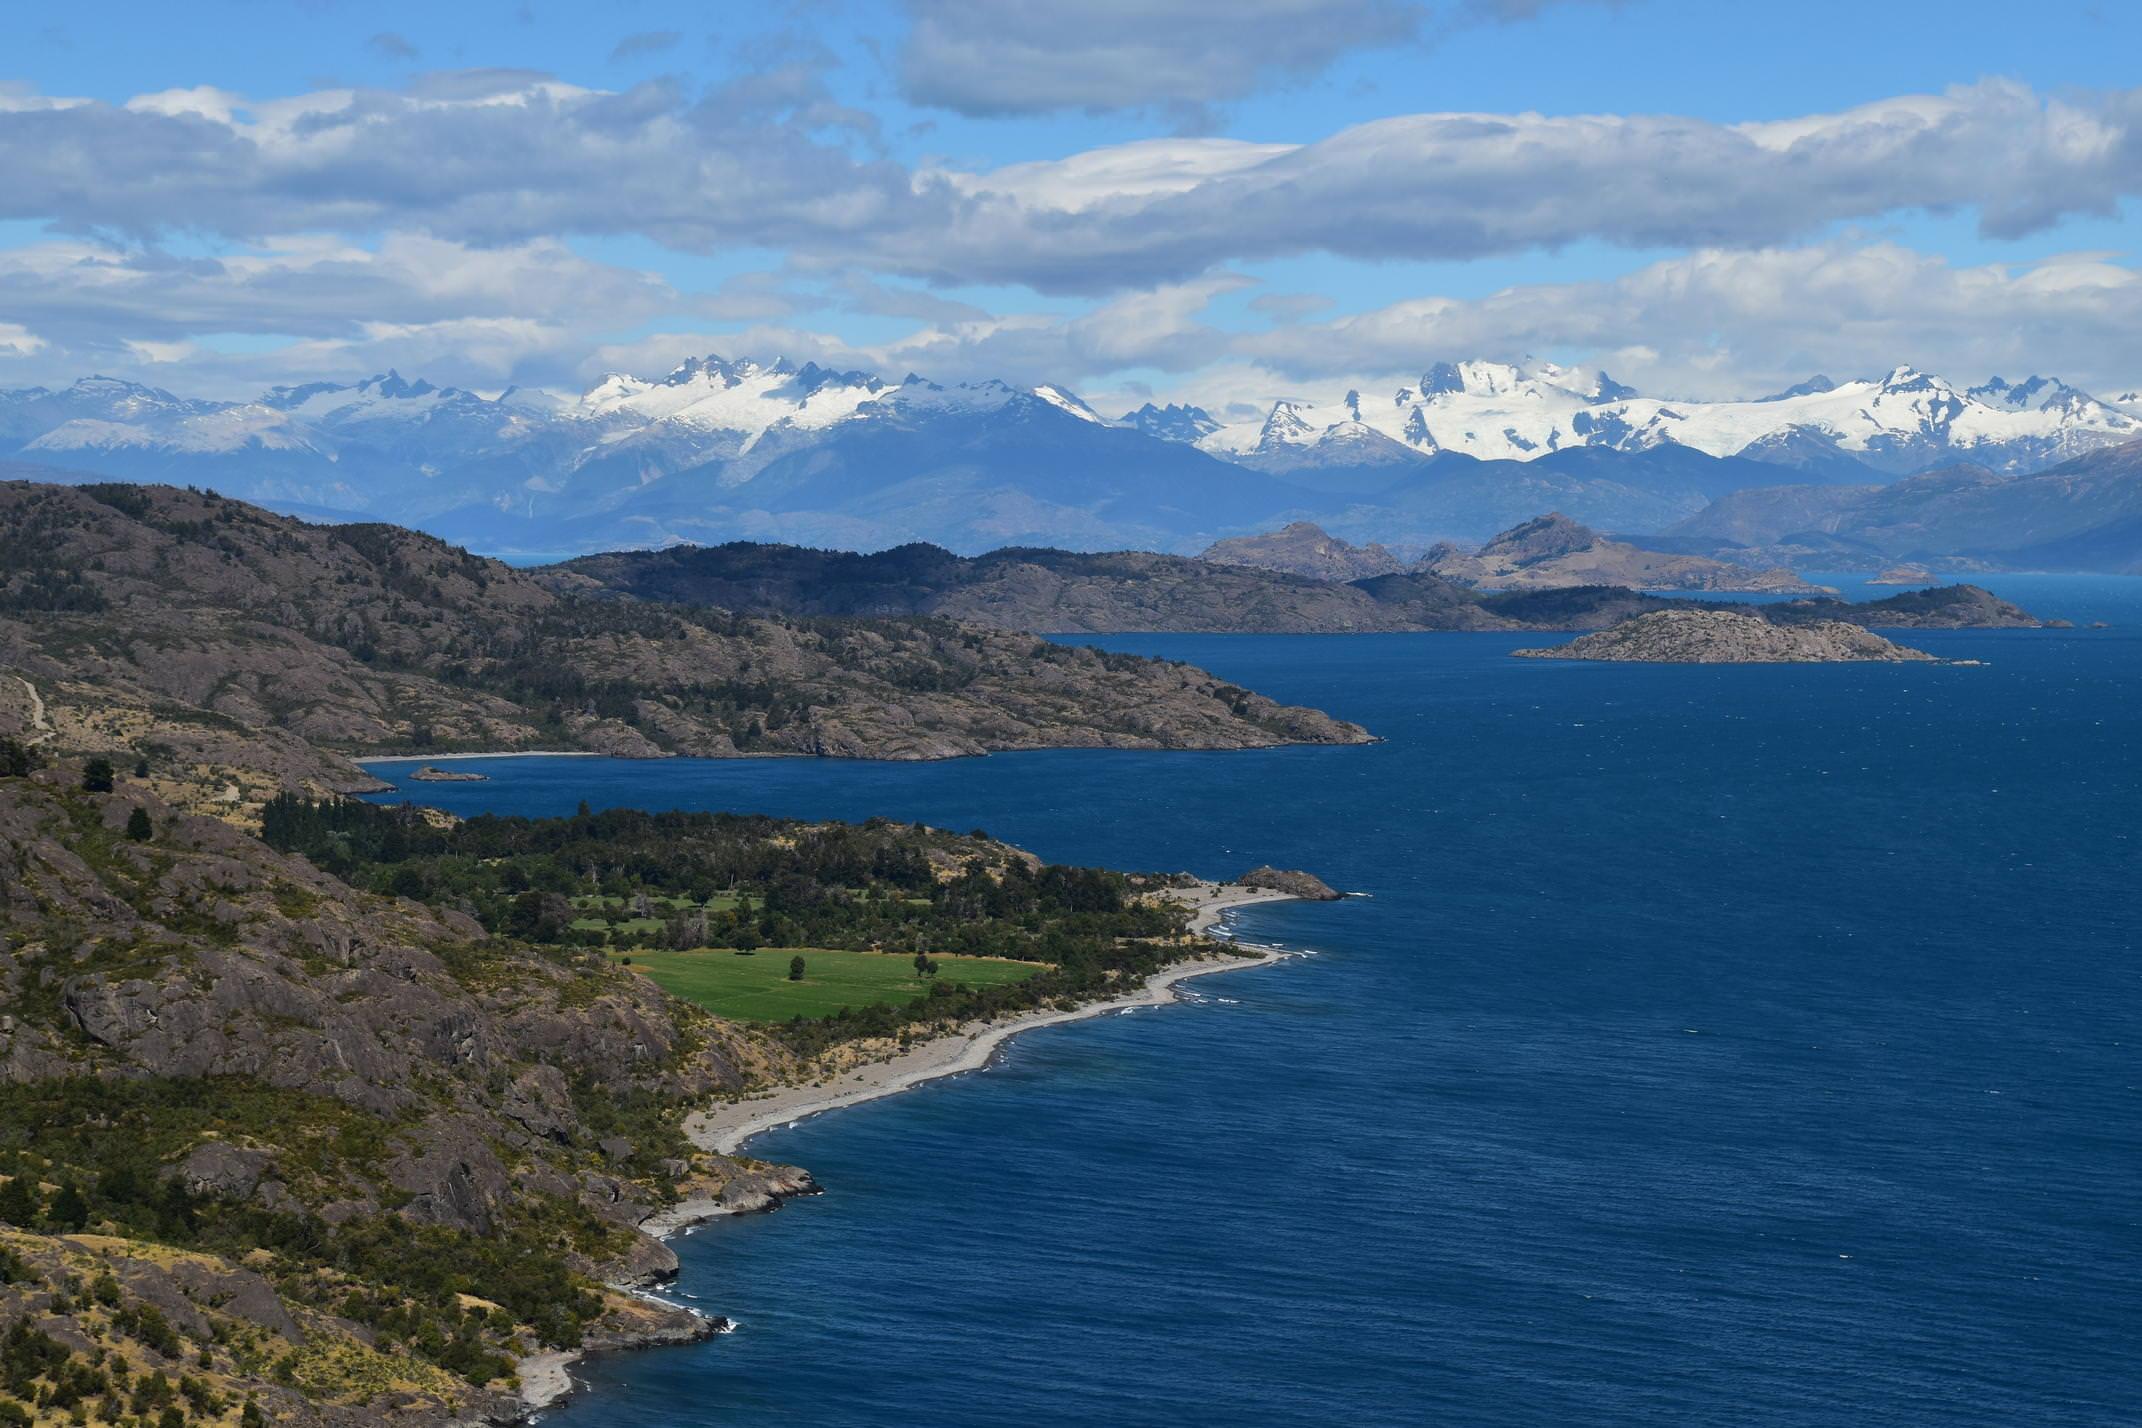 Chile carretera austral lago general carrera c john main pura traveller